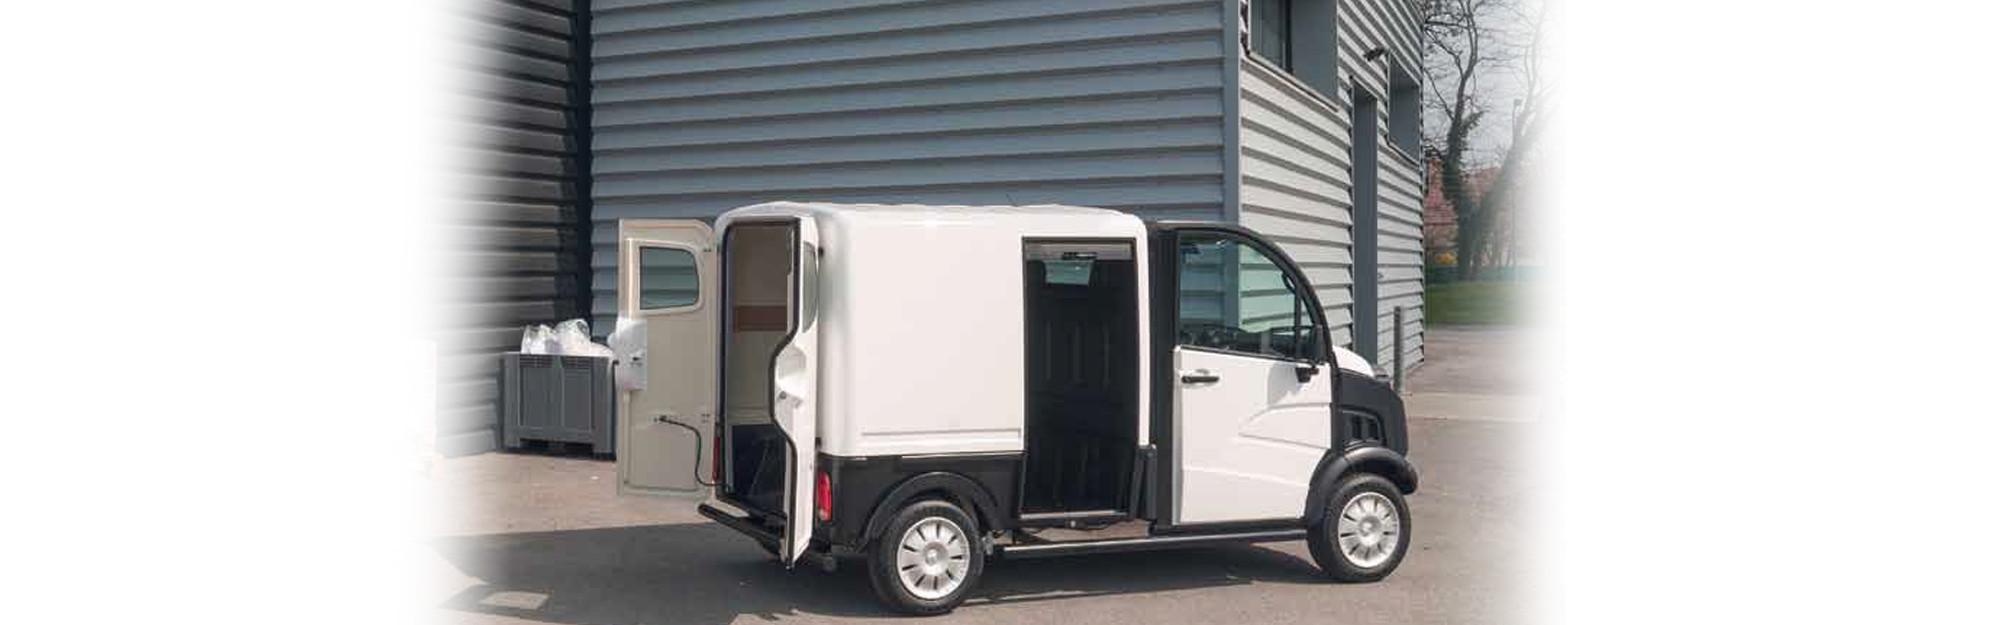 D-Truck-Van